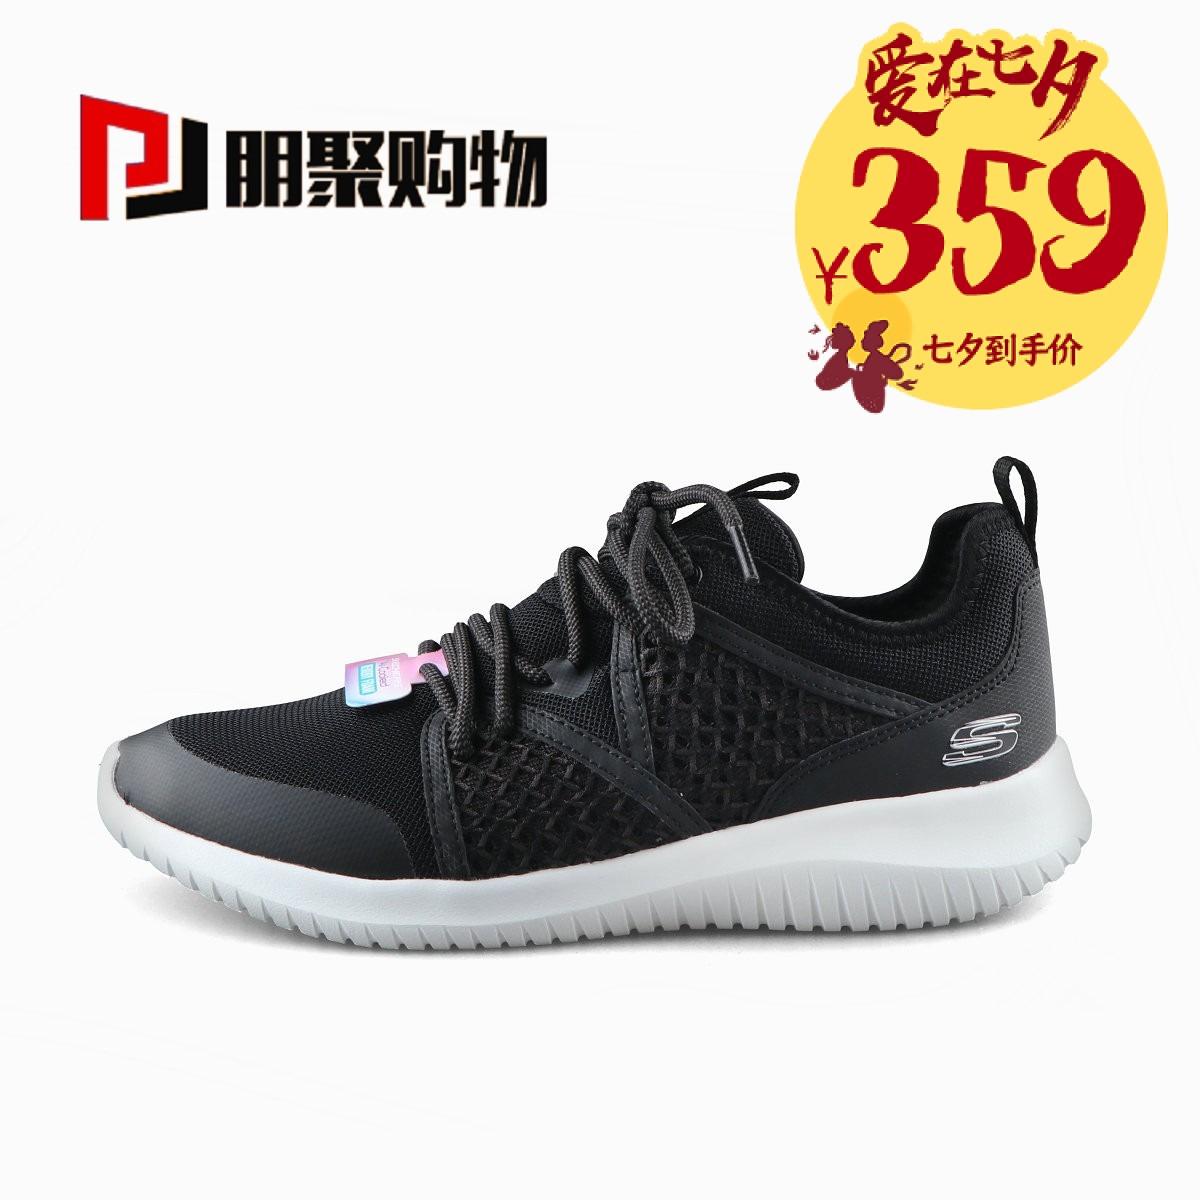 朋聚 Skechers斯凯奇 18年新款女鞋 缓震舒适休闲跑步鞋13096